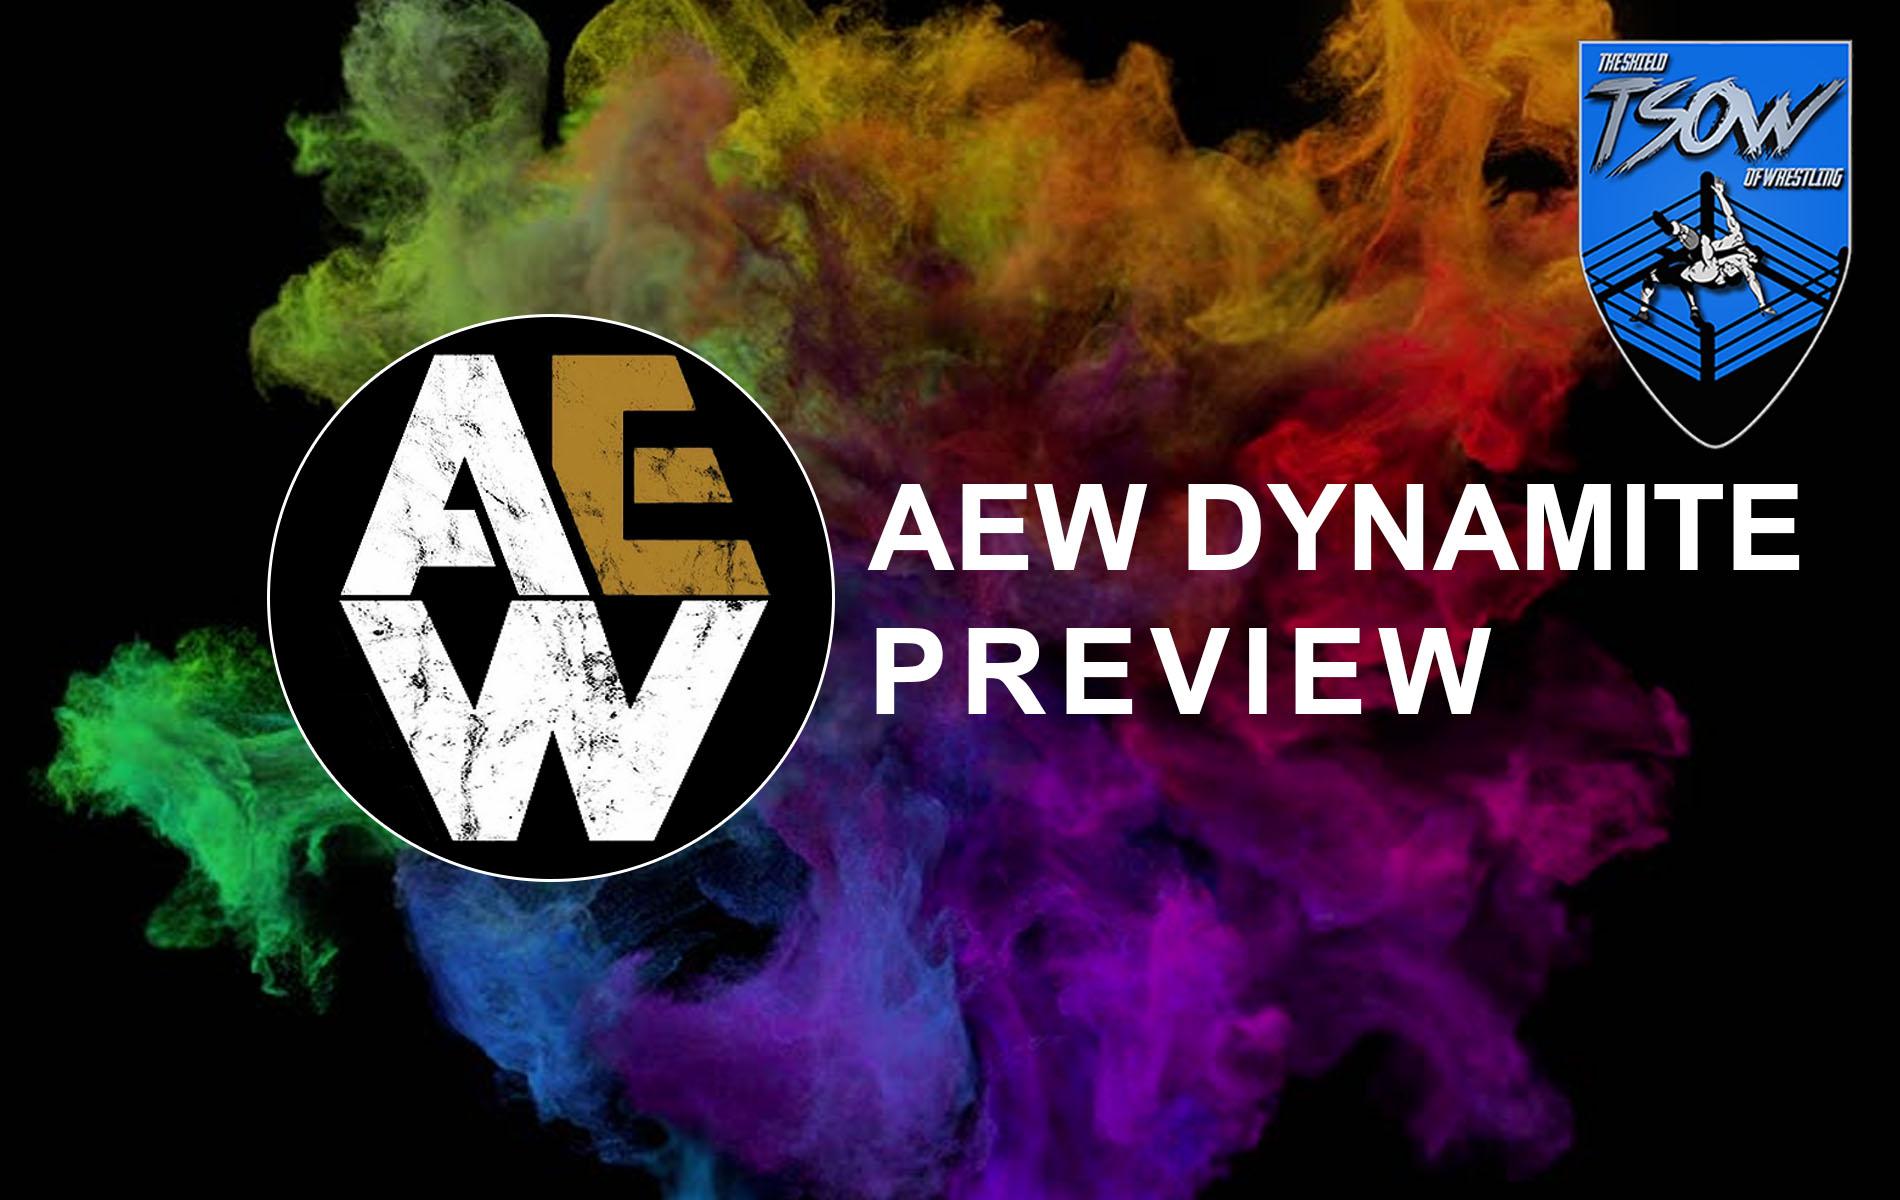 Anteprima AEW Dynamite: 10-02-2021